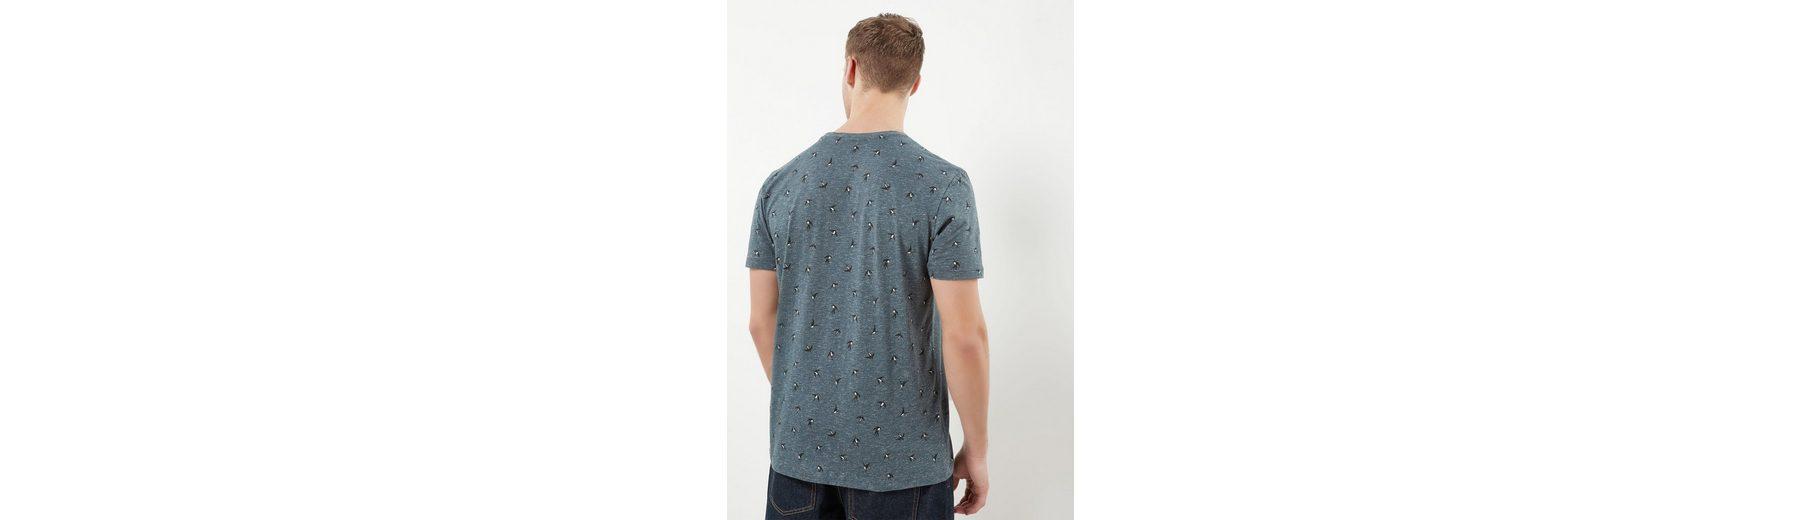 Next T-Shirt mit Vogelmuster Echt Viele Arten Von Zum Verkauf Freies Verschiffen Extrem Bestes Geschäft Zu Erhalten Online-Verkauf Billig Verkaufen Gefälschte X2pe0VtpPX